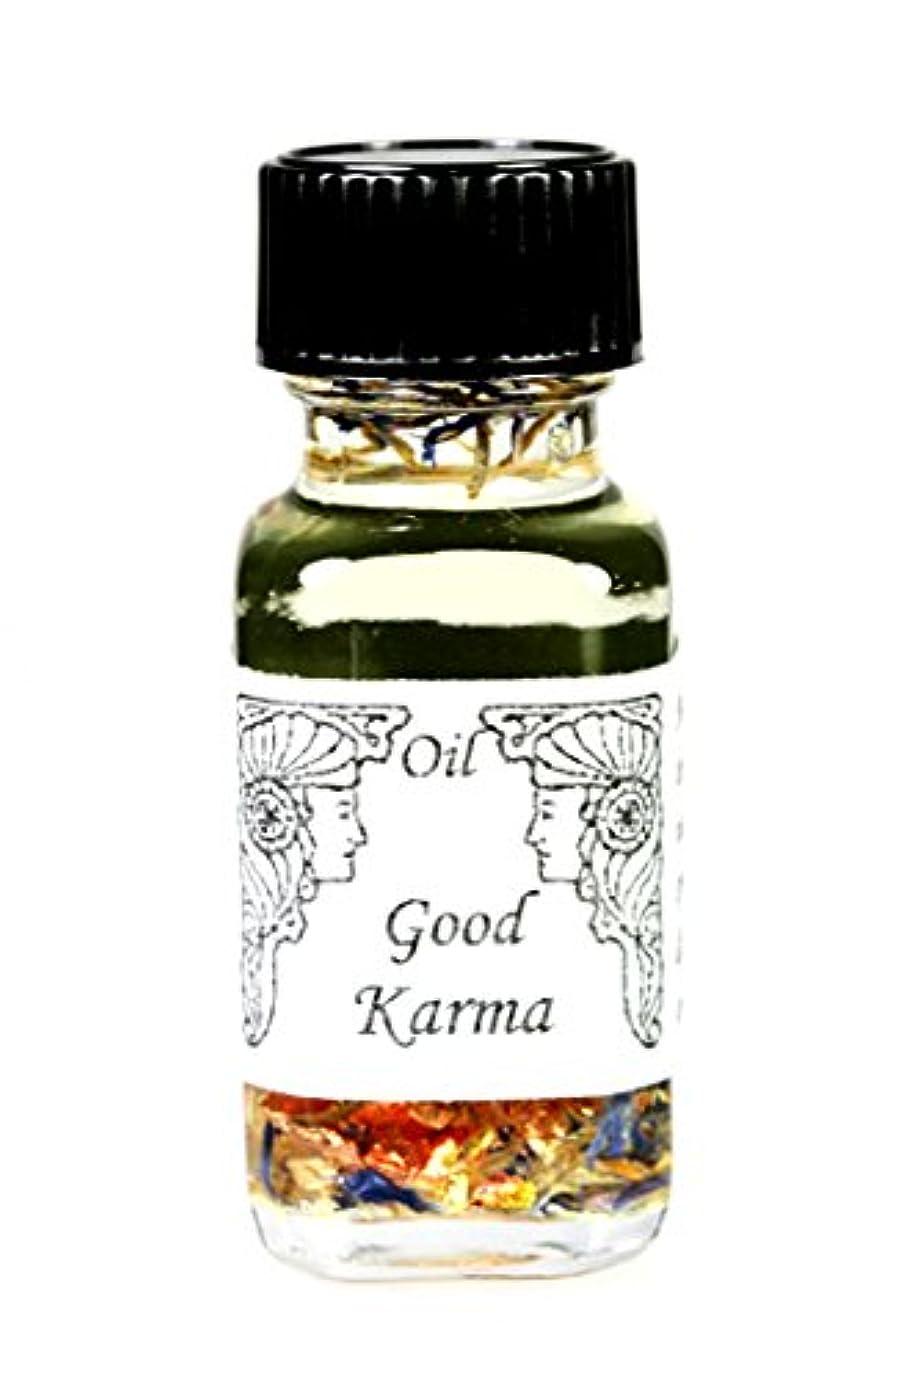 損なう流産豚アンシェントメモリーオイル Good Karma (良いカルマ)